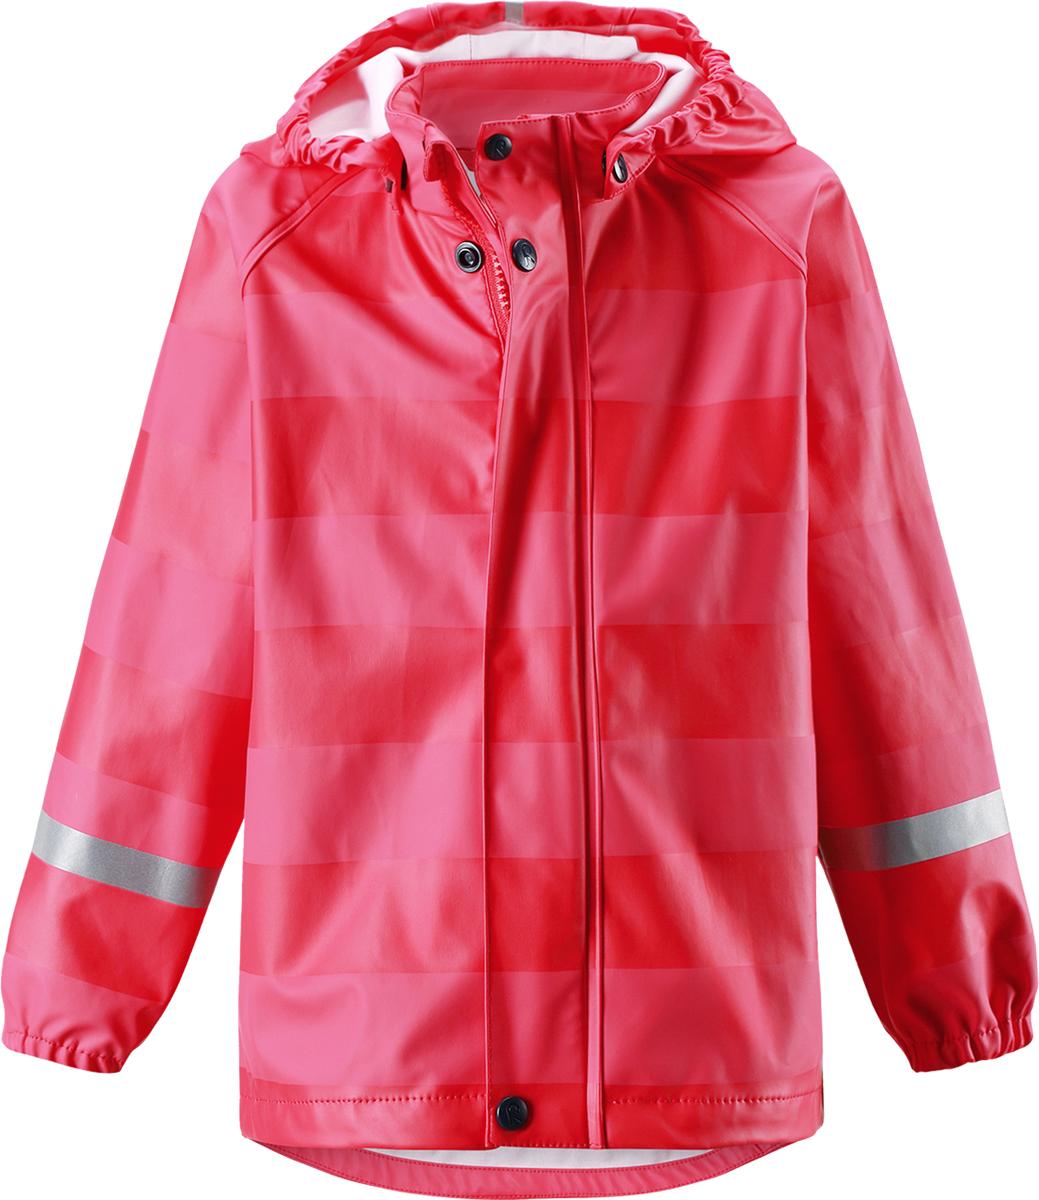 Куртка-дождевик детская Reima Vesi, цвет: красный. 5214923722. Размер 1105214923722Классический детский дождевик Reima в ярких однотонных расцветках и в яркую полоску. Запаянные швы не пропустят вовнутрь ни одной капельки, а съемный капюшон защищает голову от дождя, он на кнопках, поэтому безопасен во время игр на свежем воздухе. В туманный день или в темное время суток светоотражатели будут просто незаменимы. Эластичная детская куртка-дождевик изготовлена и безопасного материала, не содержащего ПВХ и сертифицированного по стандарту Oeko-Tex. Этот материал не деревенеет на морозе, поэтому дождевик отлично послужит вам и зимой. Обратите внимание, что с помощью удобной системы кнопок Play Layers к куртке можно присоединять разнообразную одежду промежуточного слоя Reima.